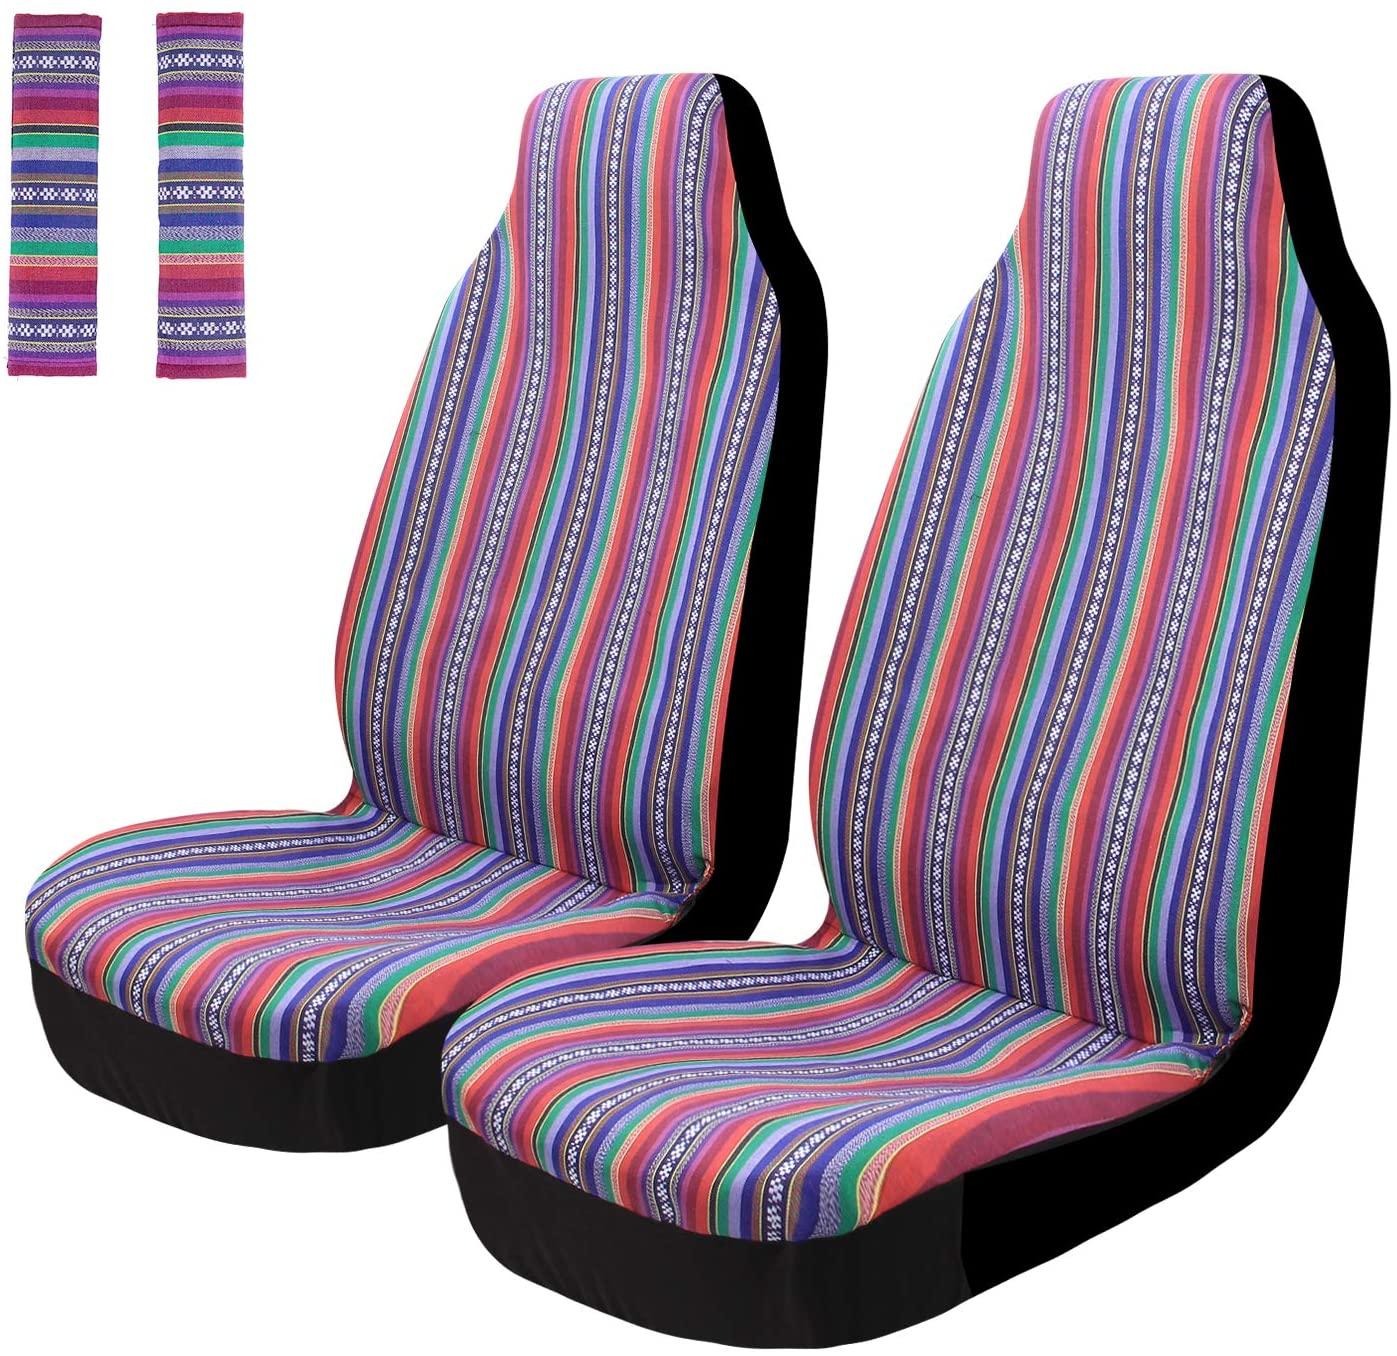 Auto Sitzbezug Universal Set Sitzbezüge Schonbezüge Vordersitze IASC-019F